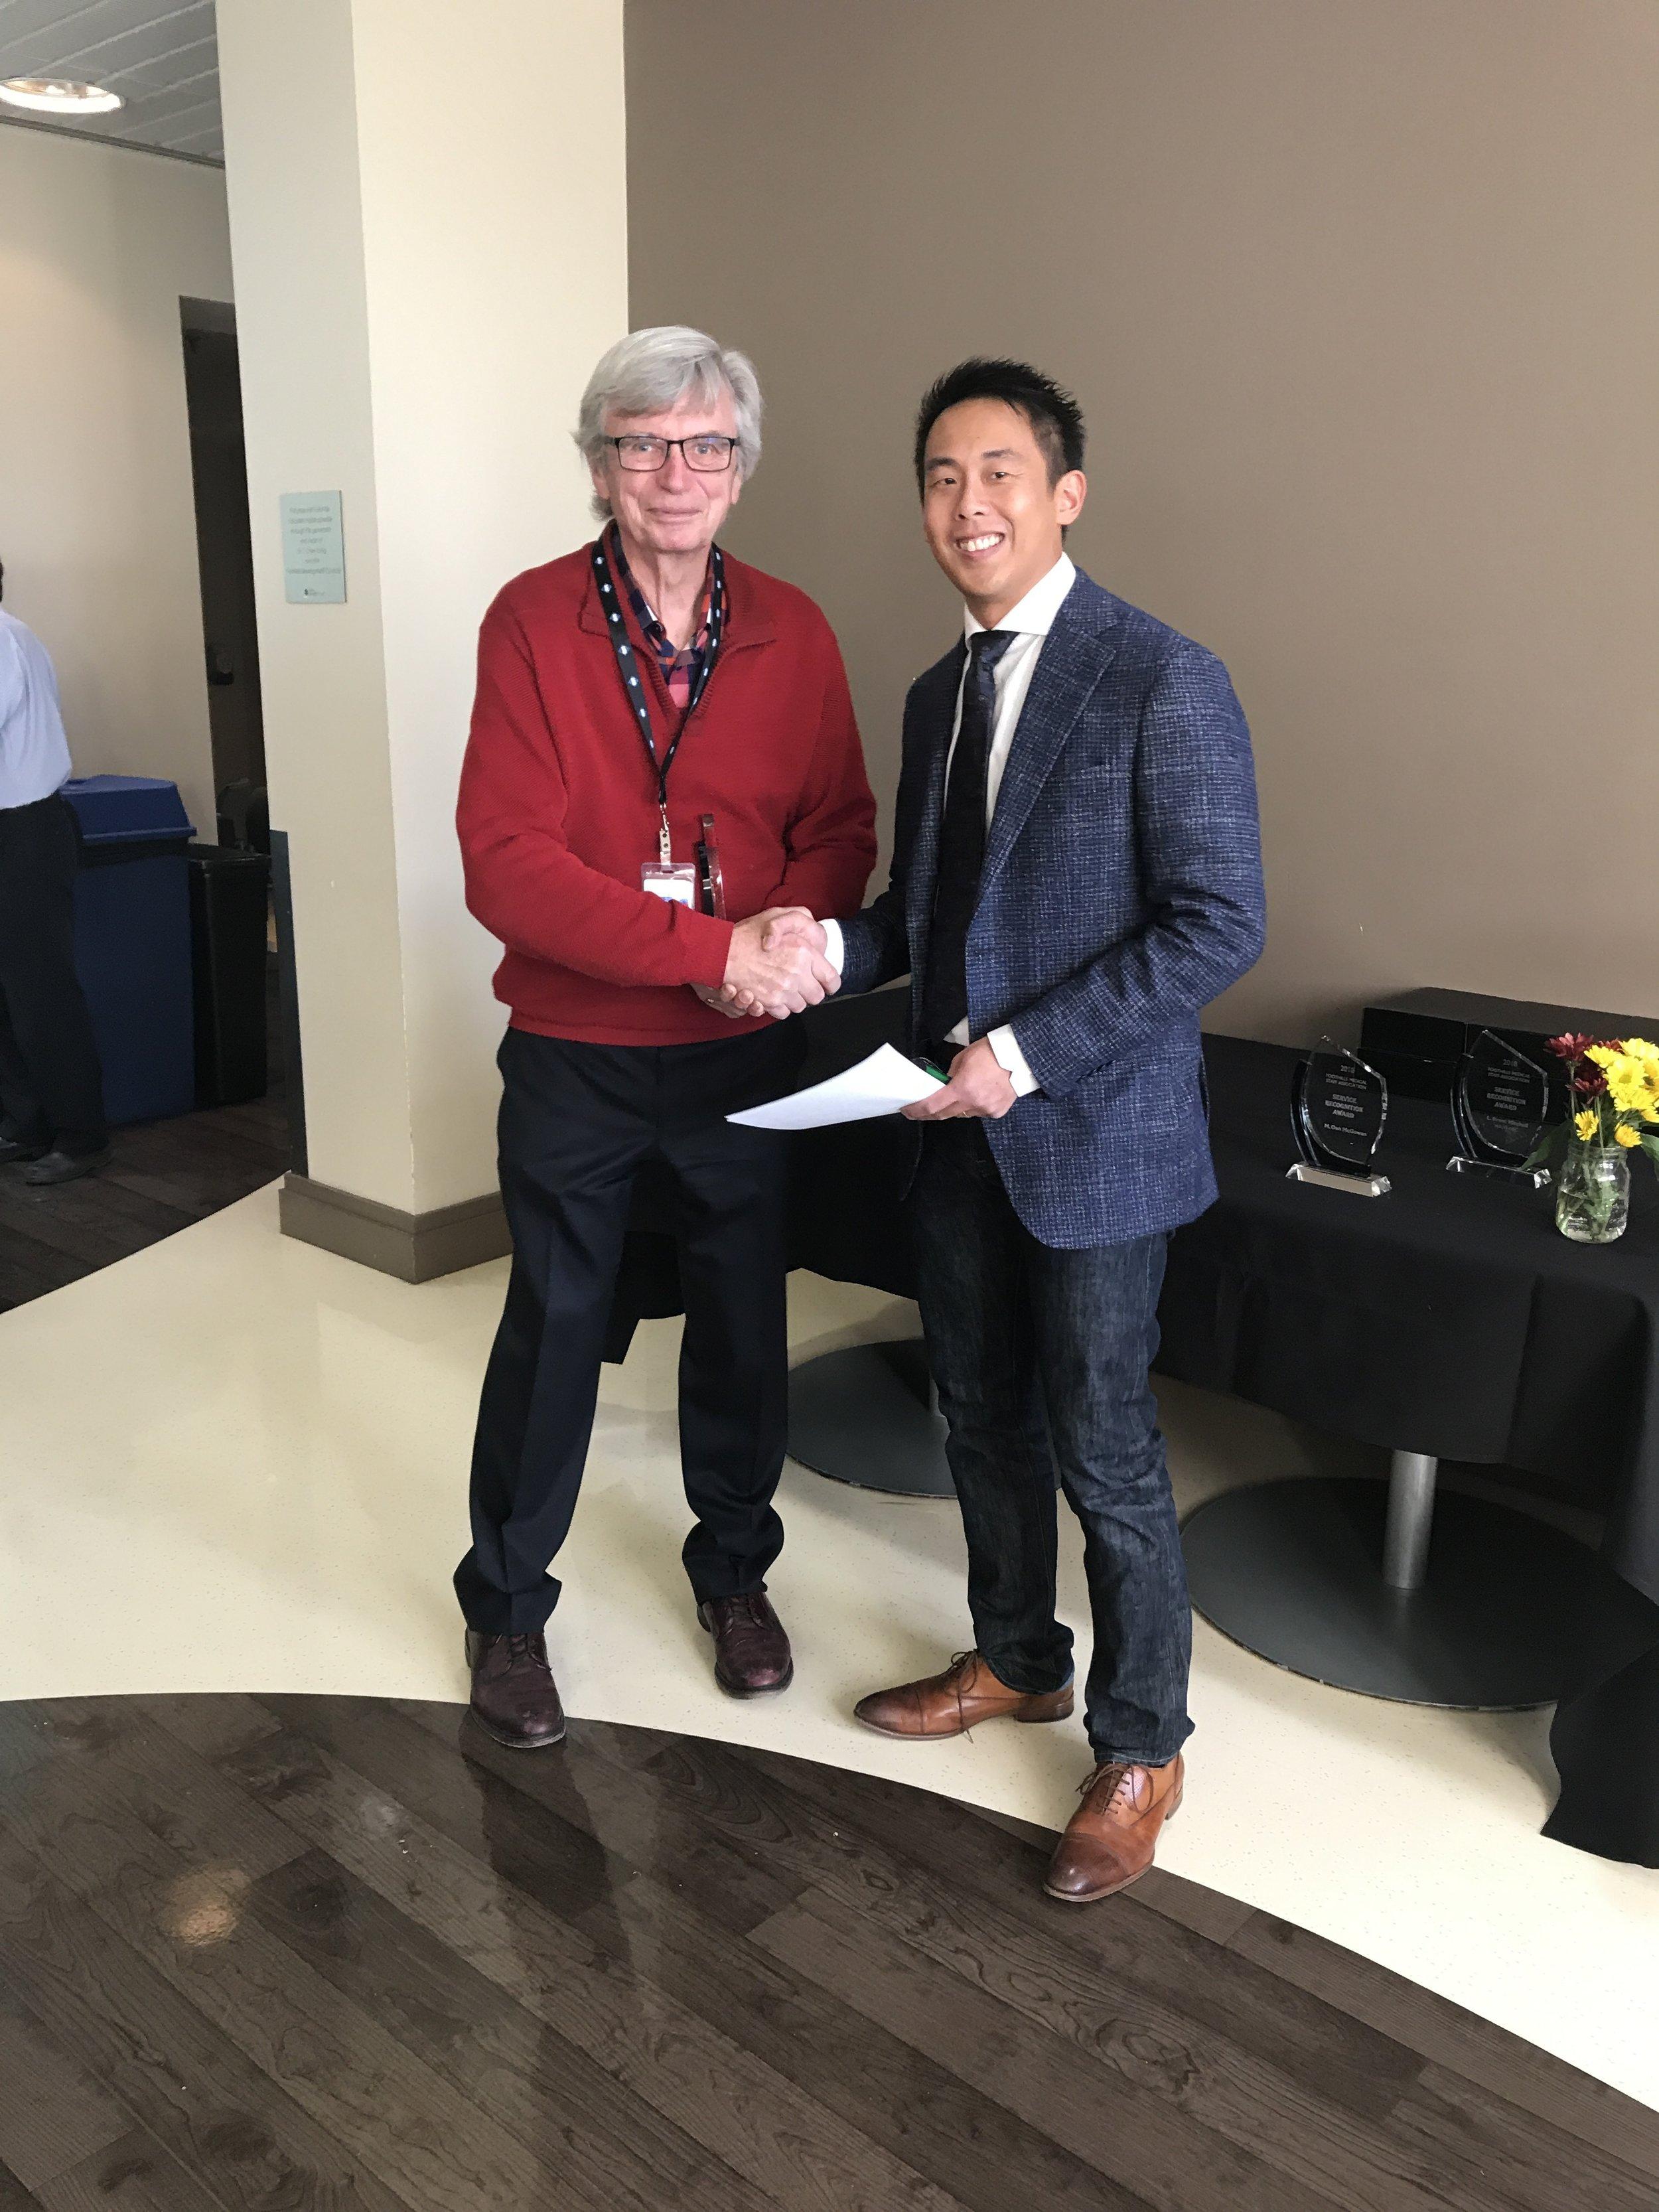 Dr. Merril Knudtson & Dr. Trevor Chan